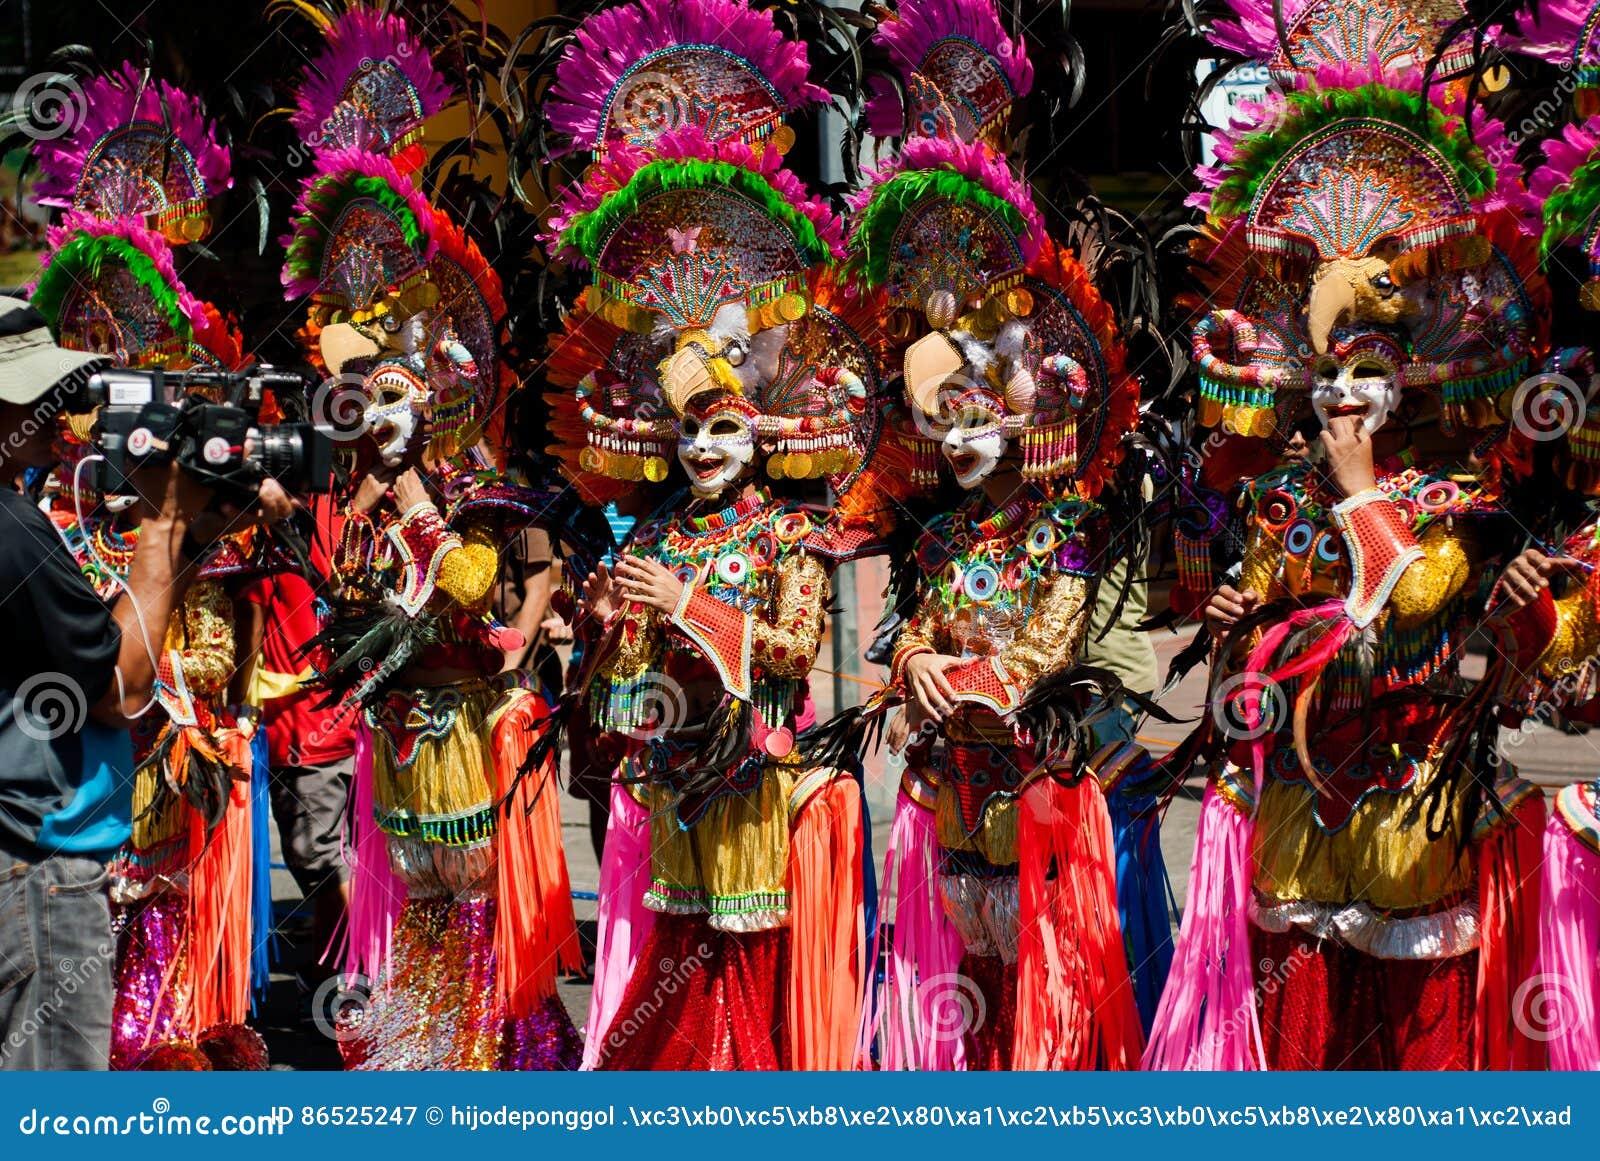 Masskara festiwalu tana parady uliczny uczestnik stawia czoło vid